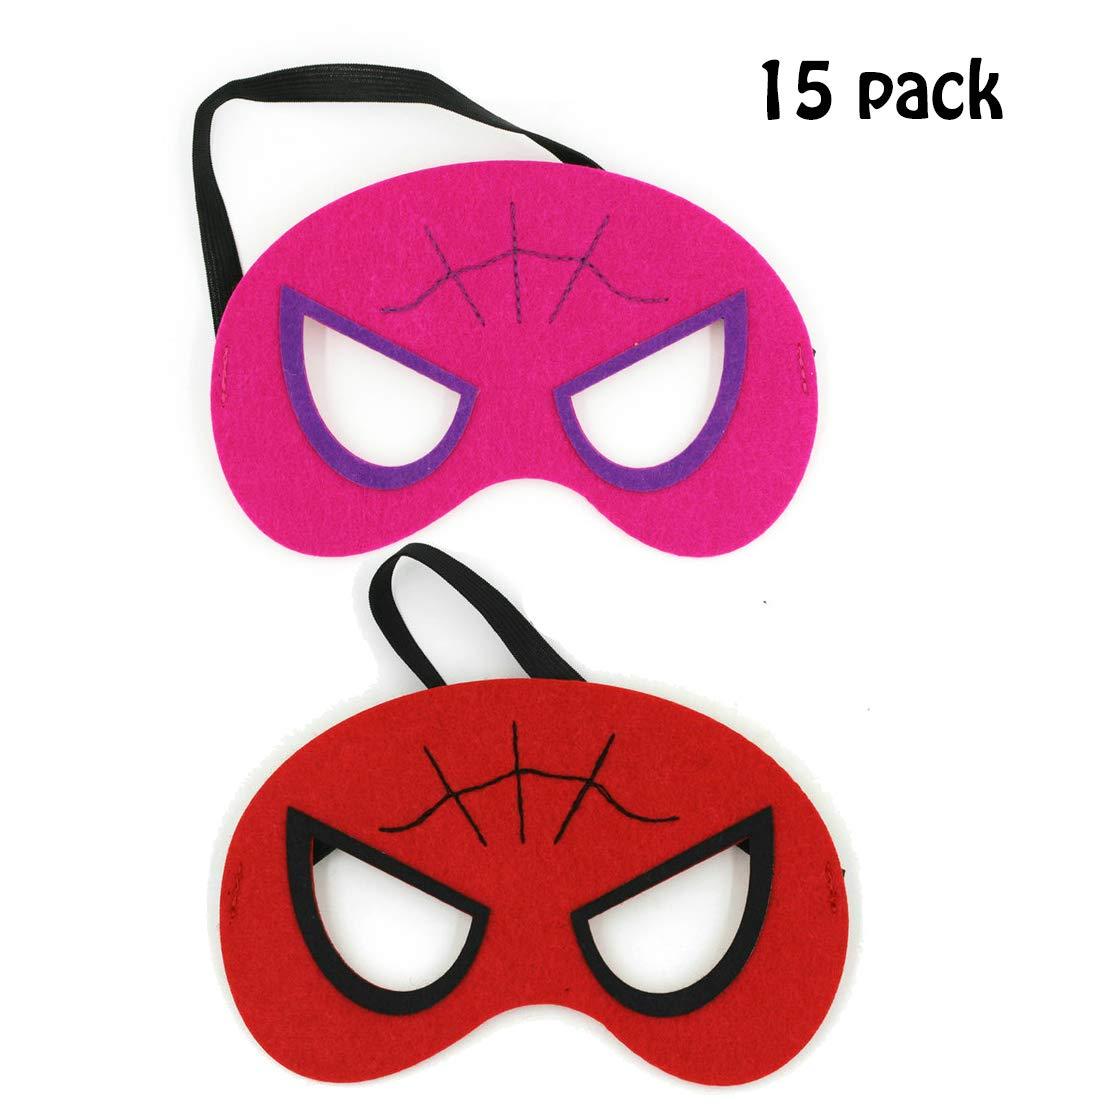 Diy House 15pack Spider Man Superhero Masks For Children Kids Party Superhero Party Mask For Children Superhero Cosplay Party Eye Masks For Children